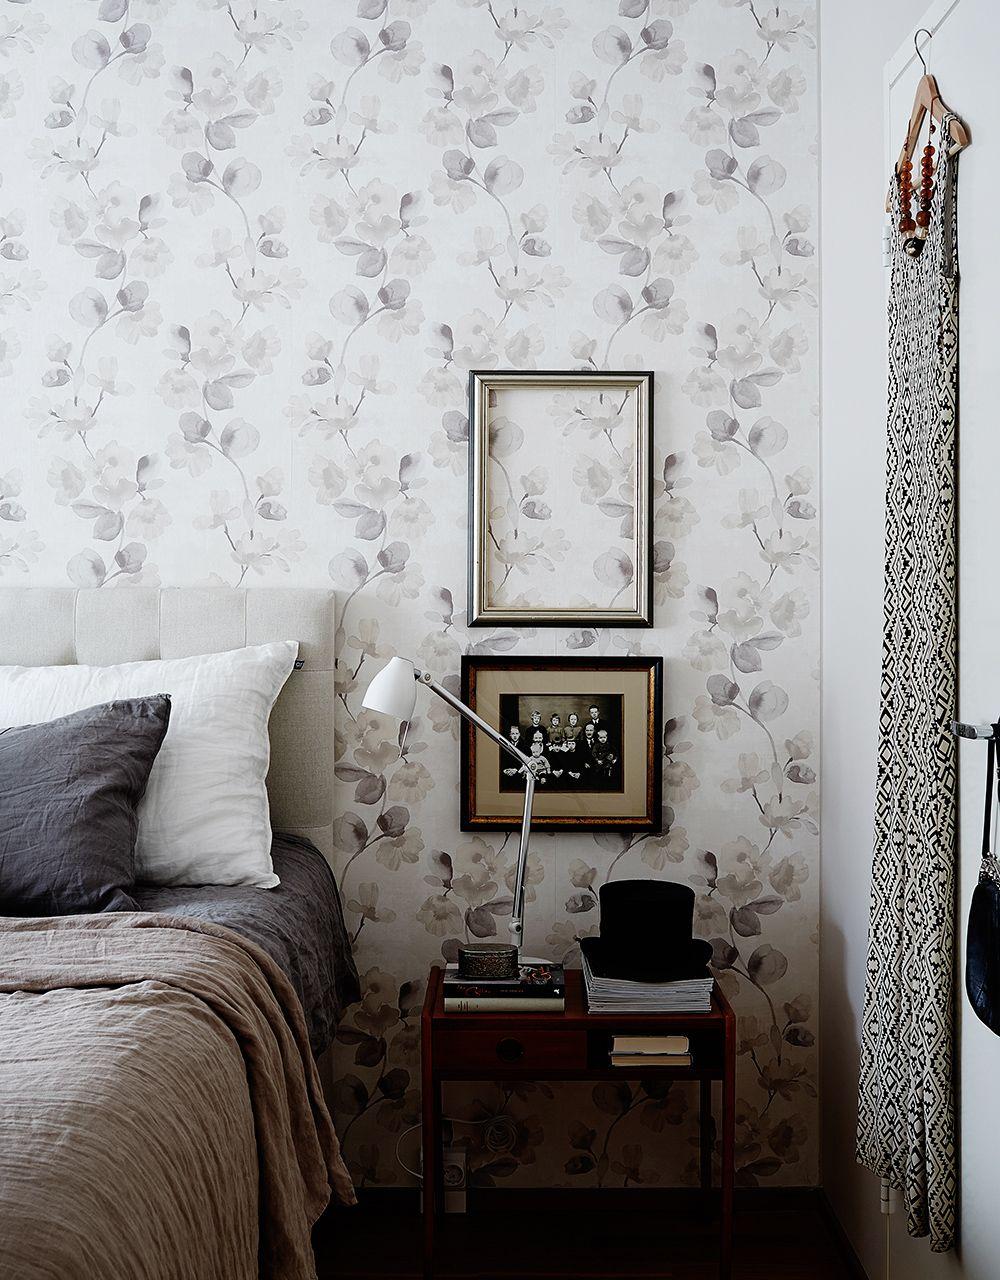 12-interior-homedecoration-photo-krista-keltanen-16